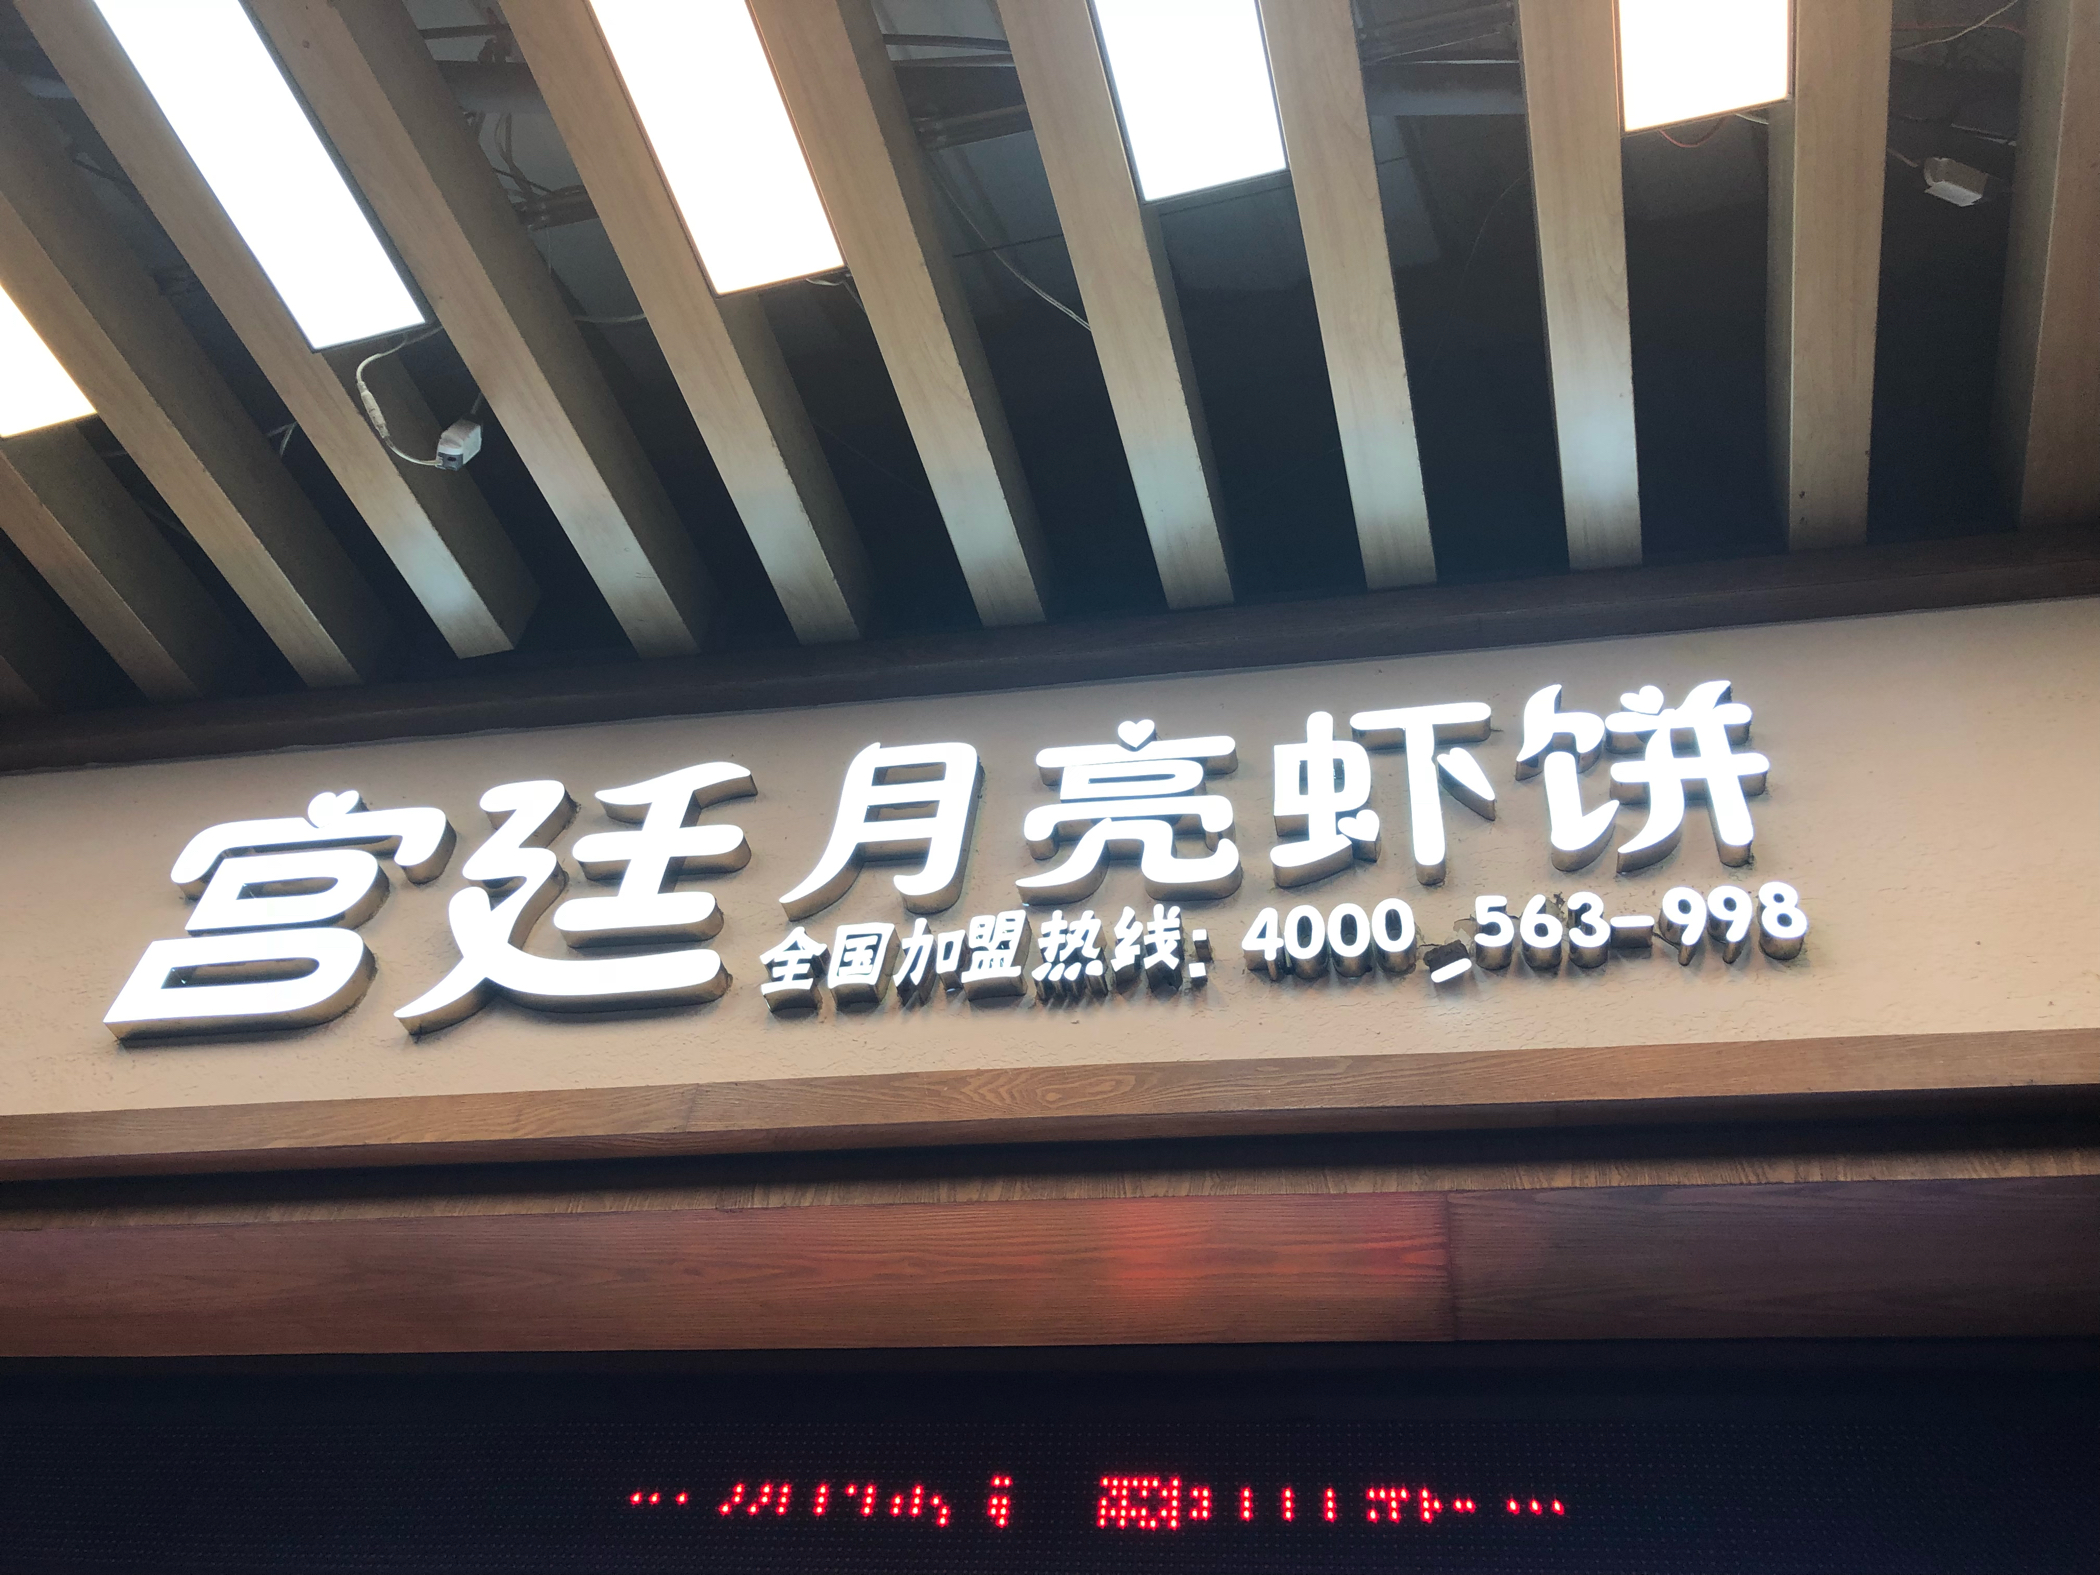 宫廷月亮虾饼(中山路总店)